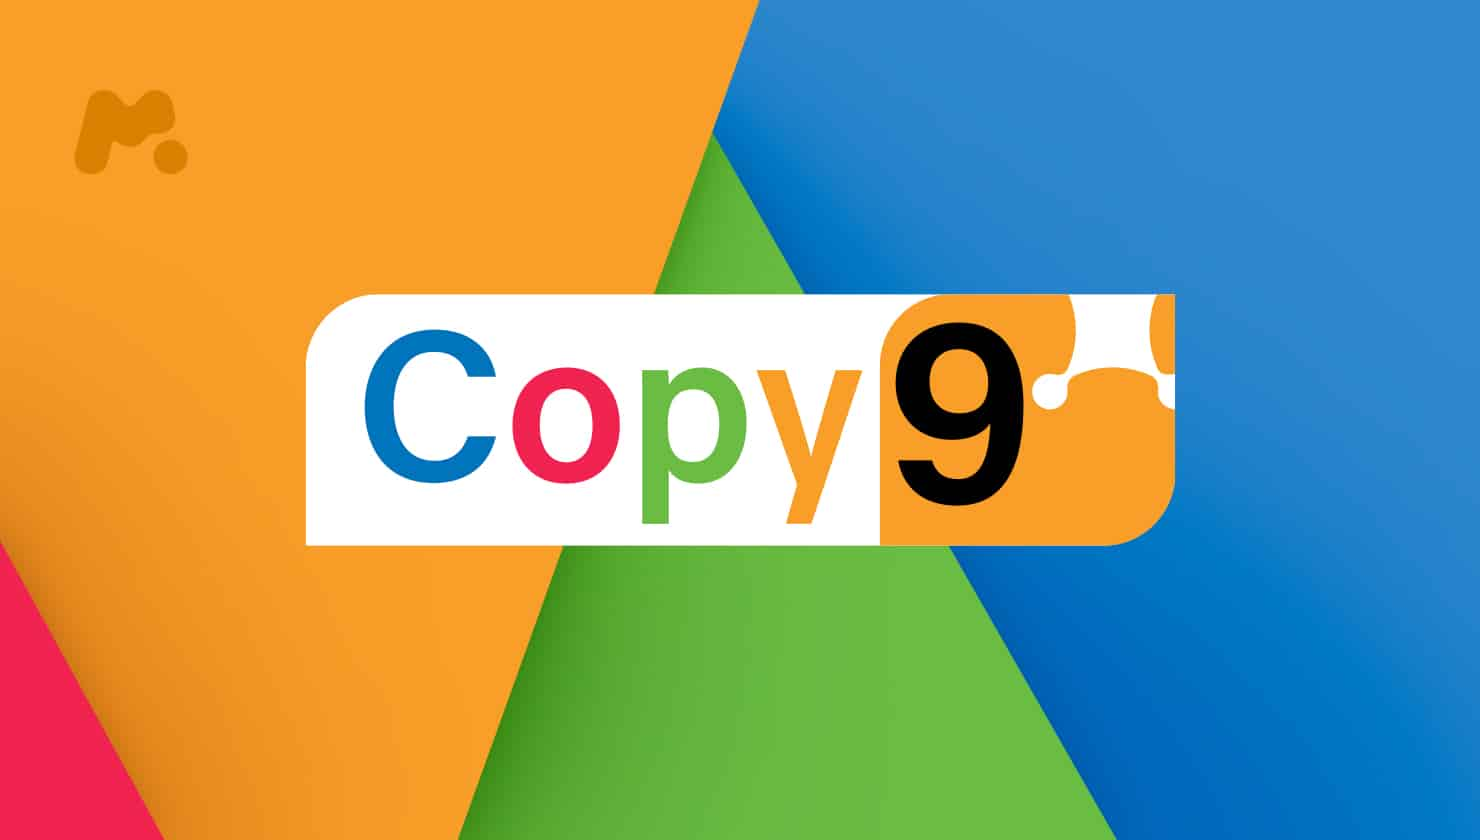 Copy9